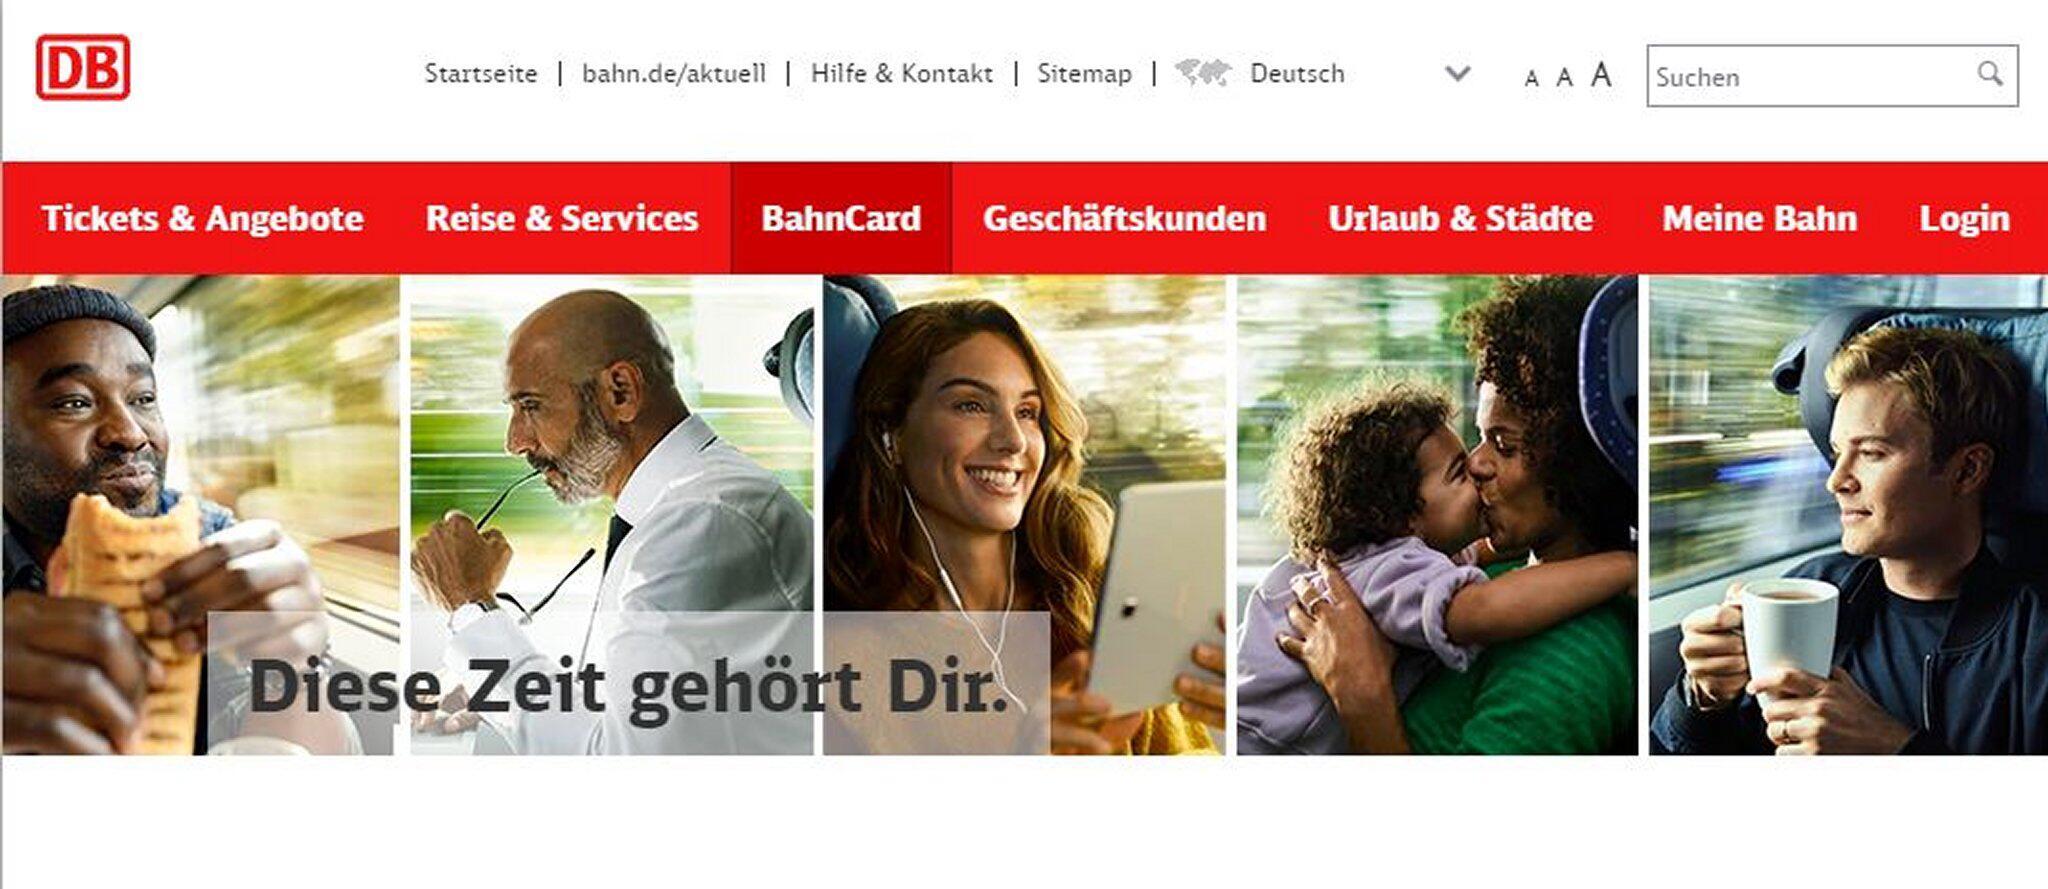 Bild zu Bahn-Werbung mit Müller, Eckes und Rosberg